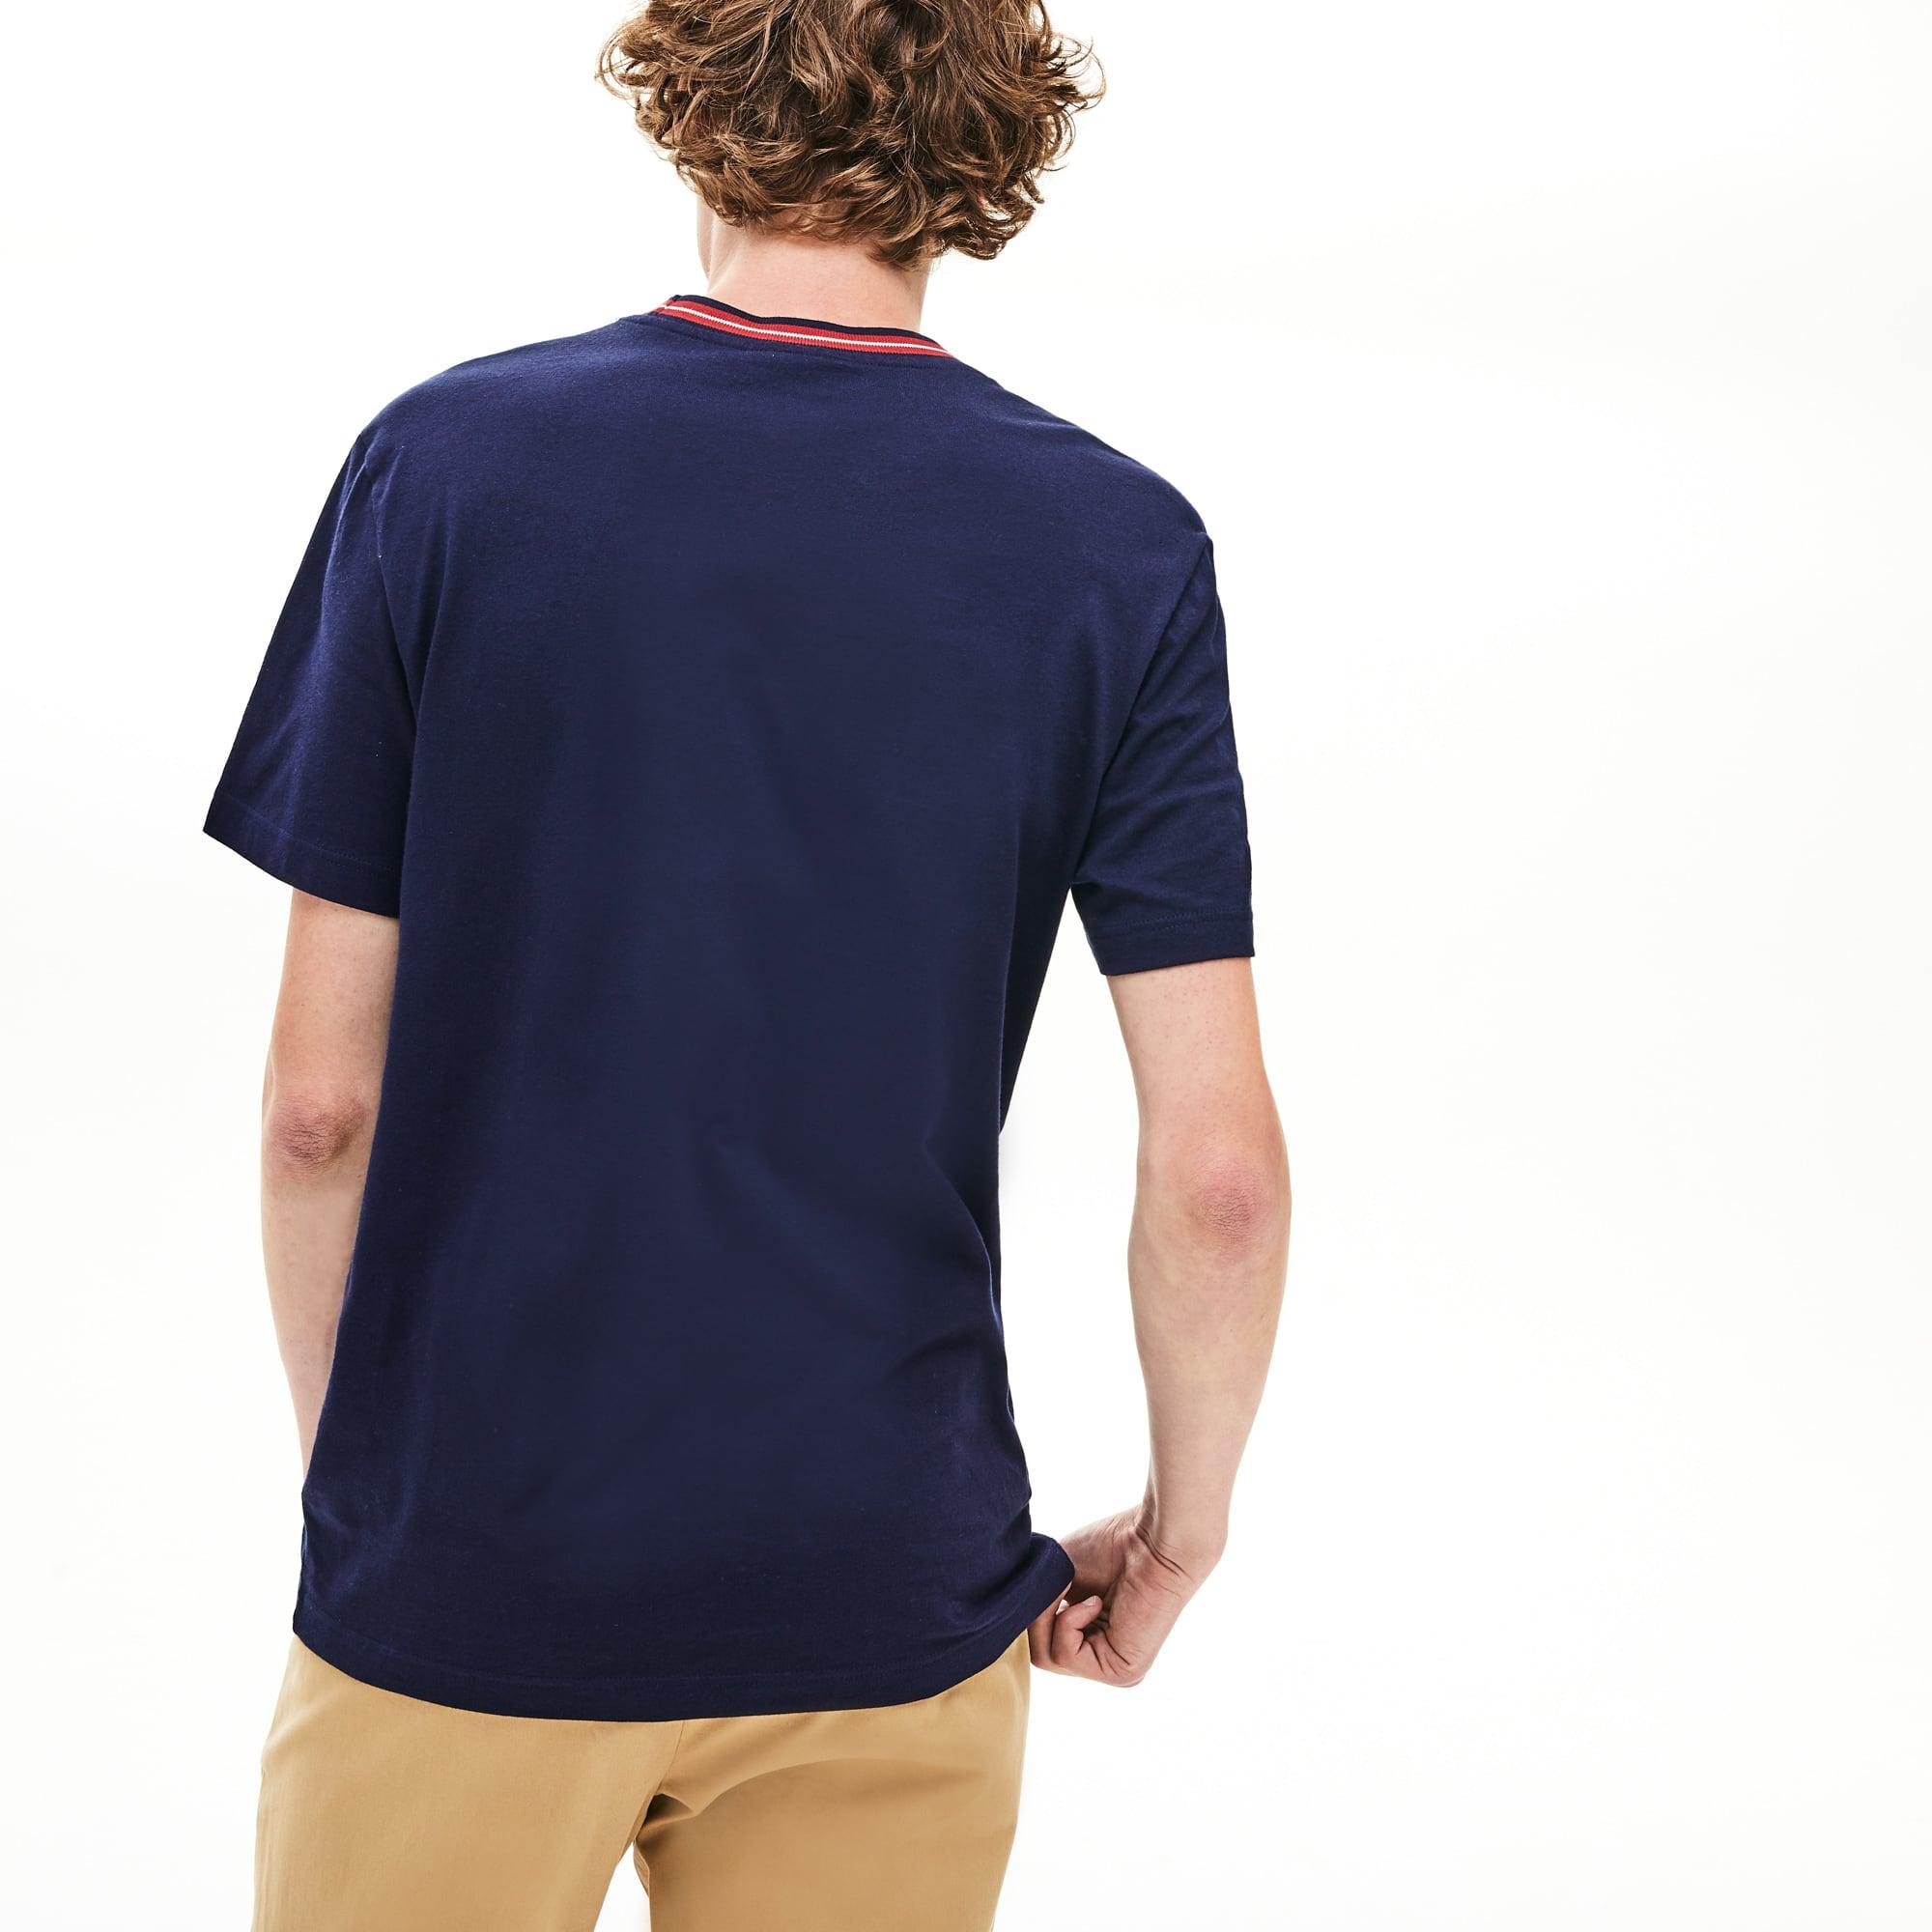 e5be8b757 T-shirt col rond en coton uni avec rayure contrastée sur le col